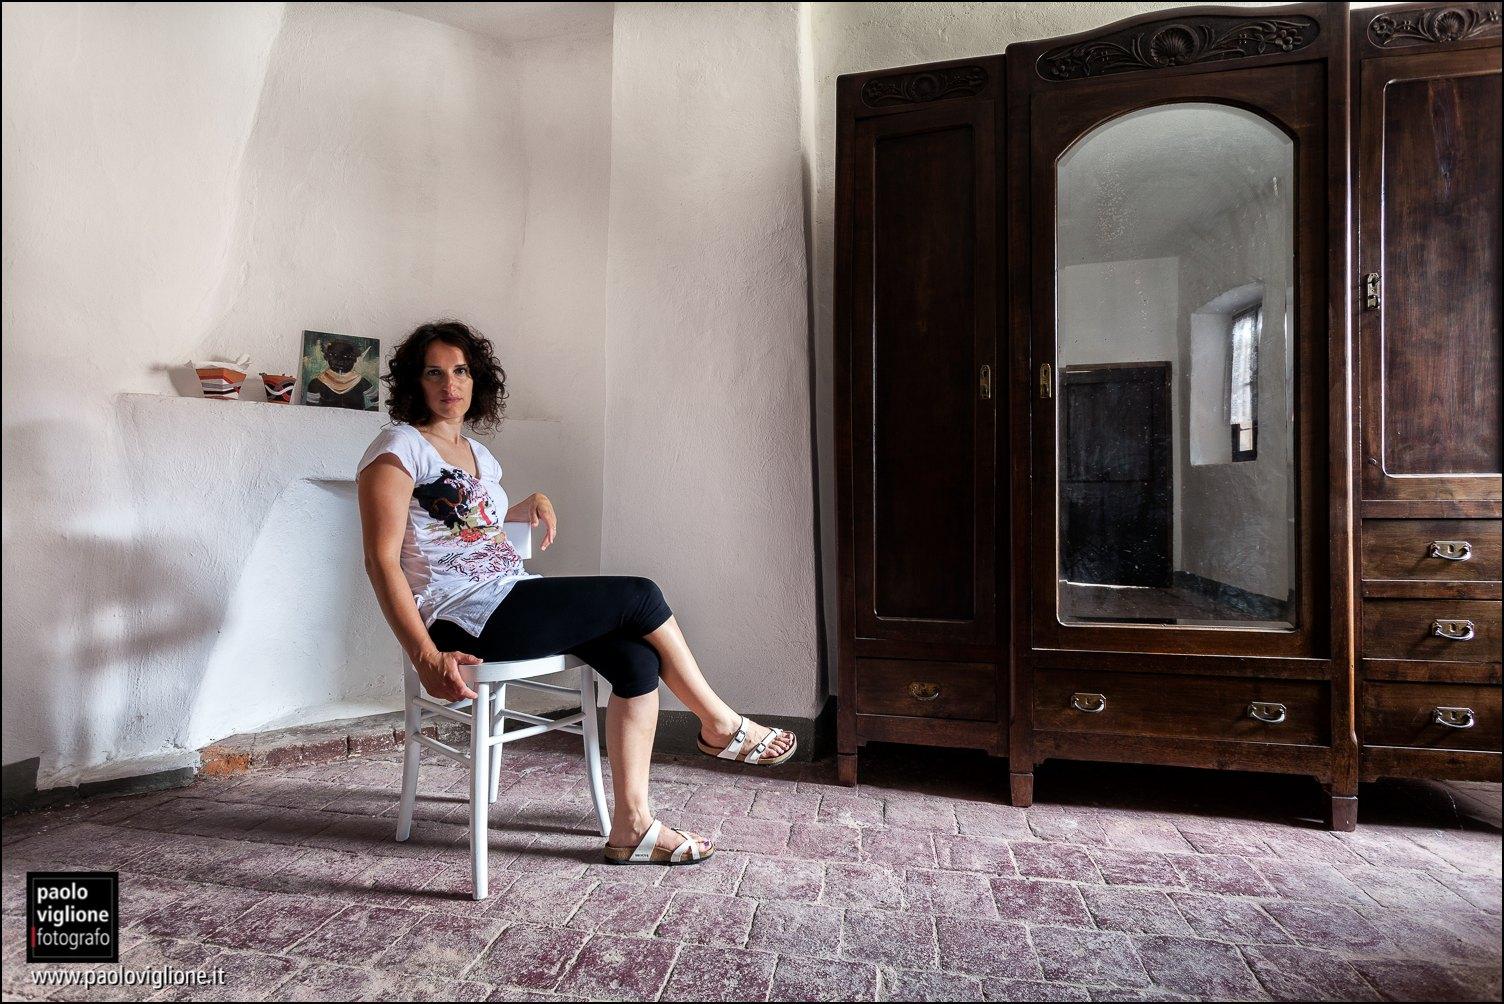 Patrizia Comba, impiegata, Pratavecchia